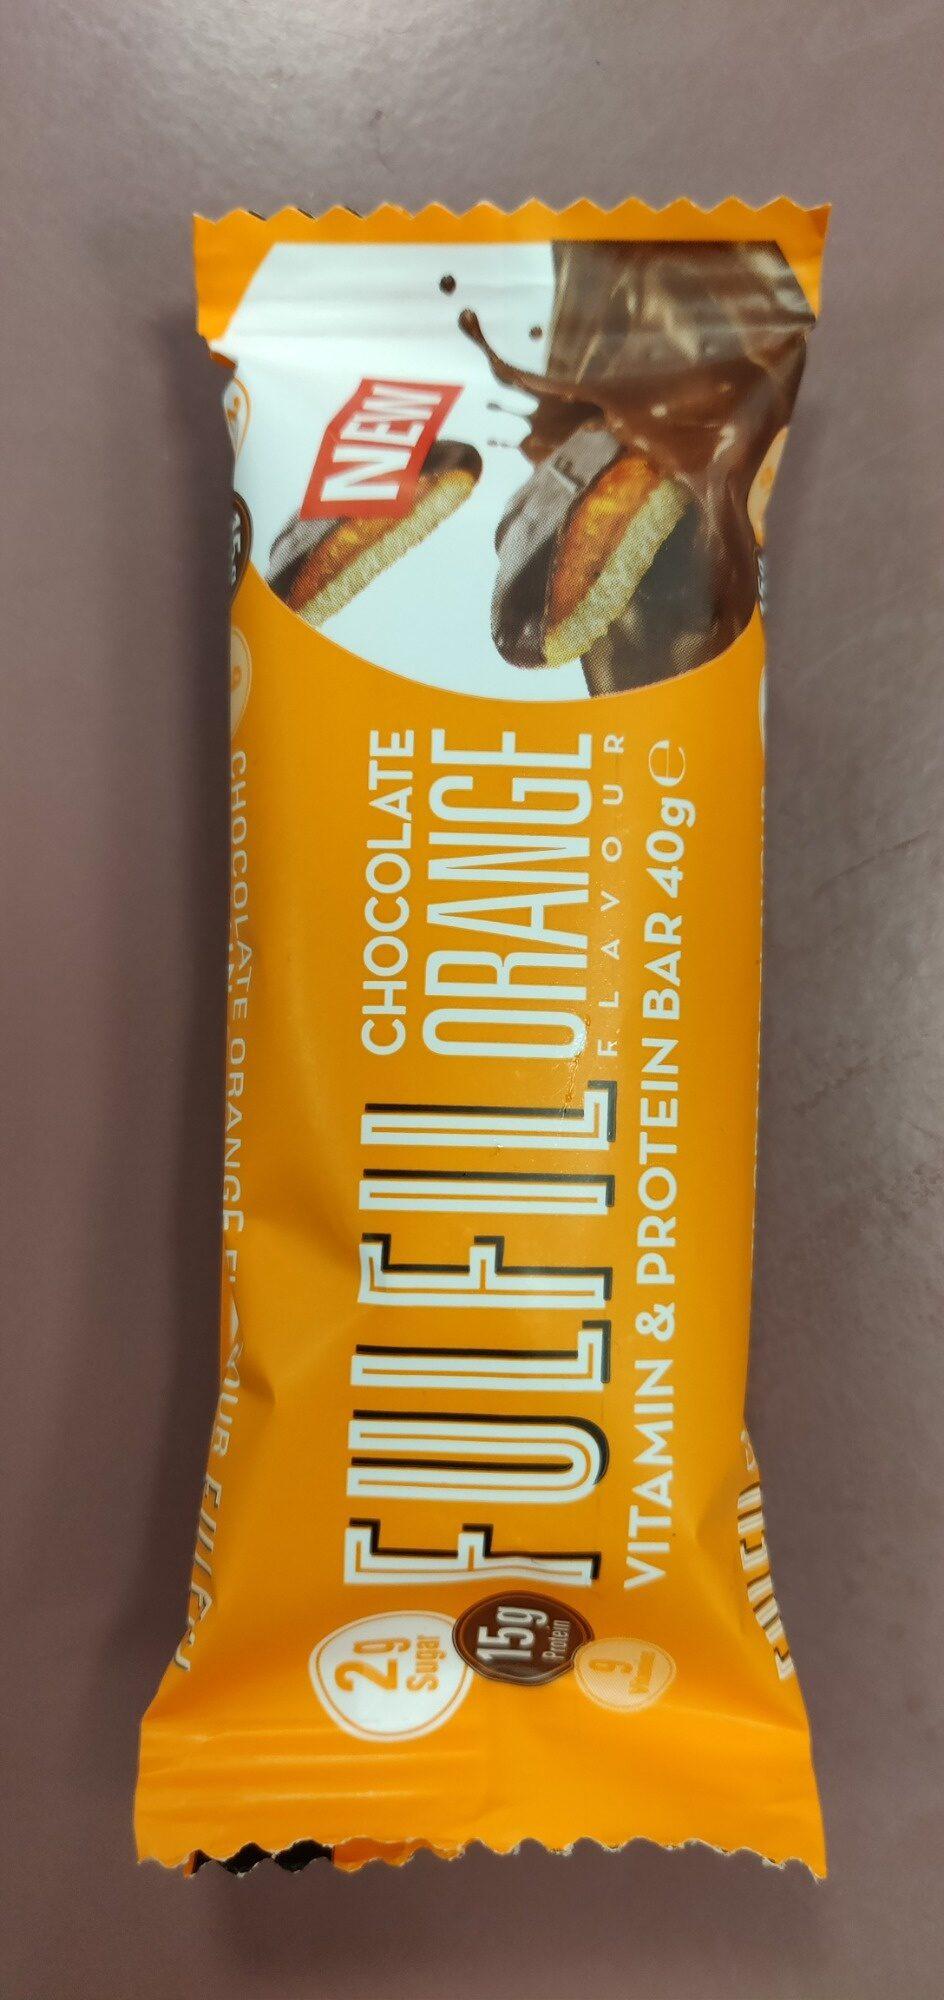 Chocolate Orange Flavour - Produit - en